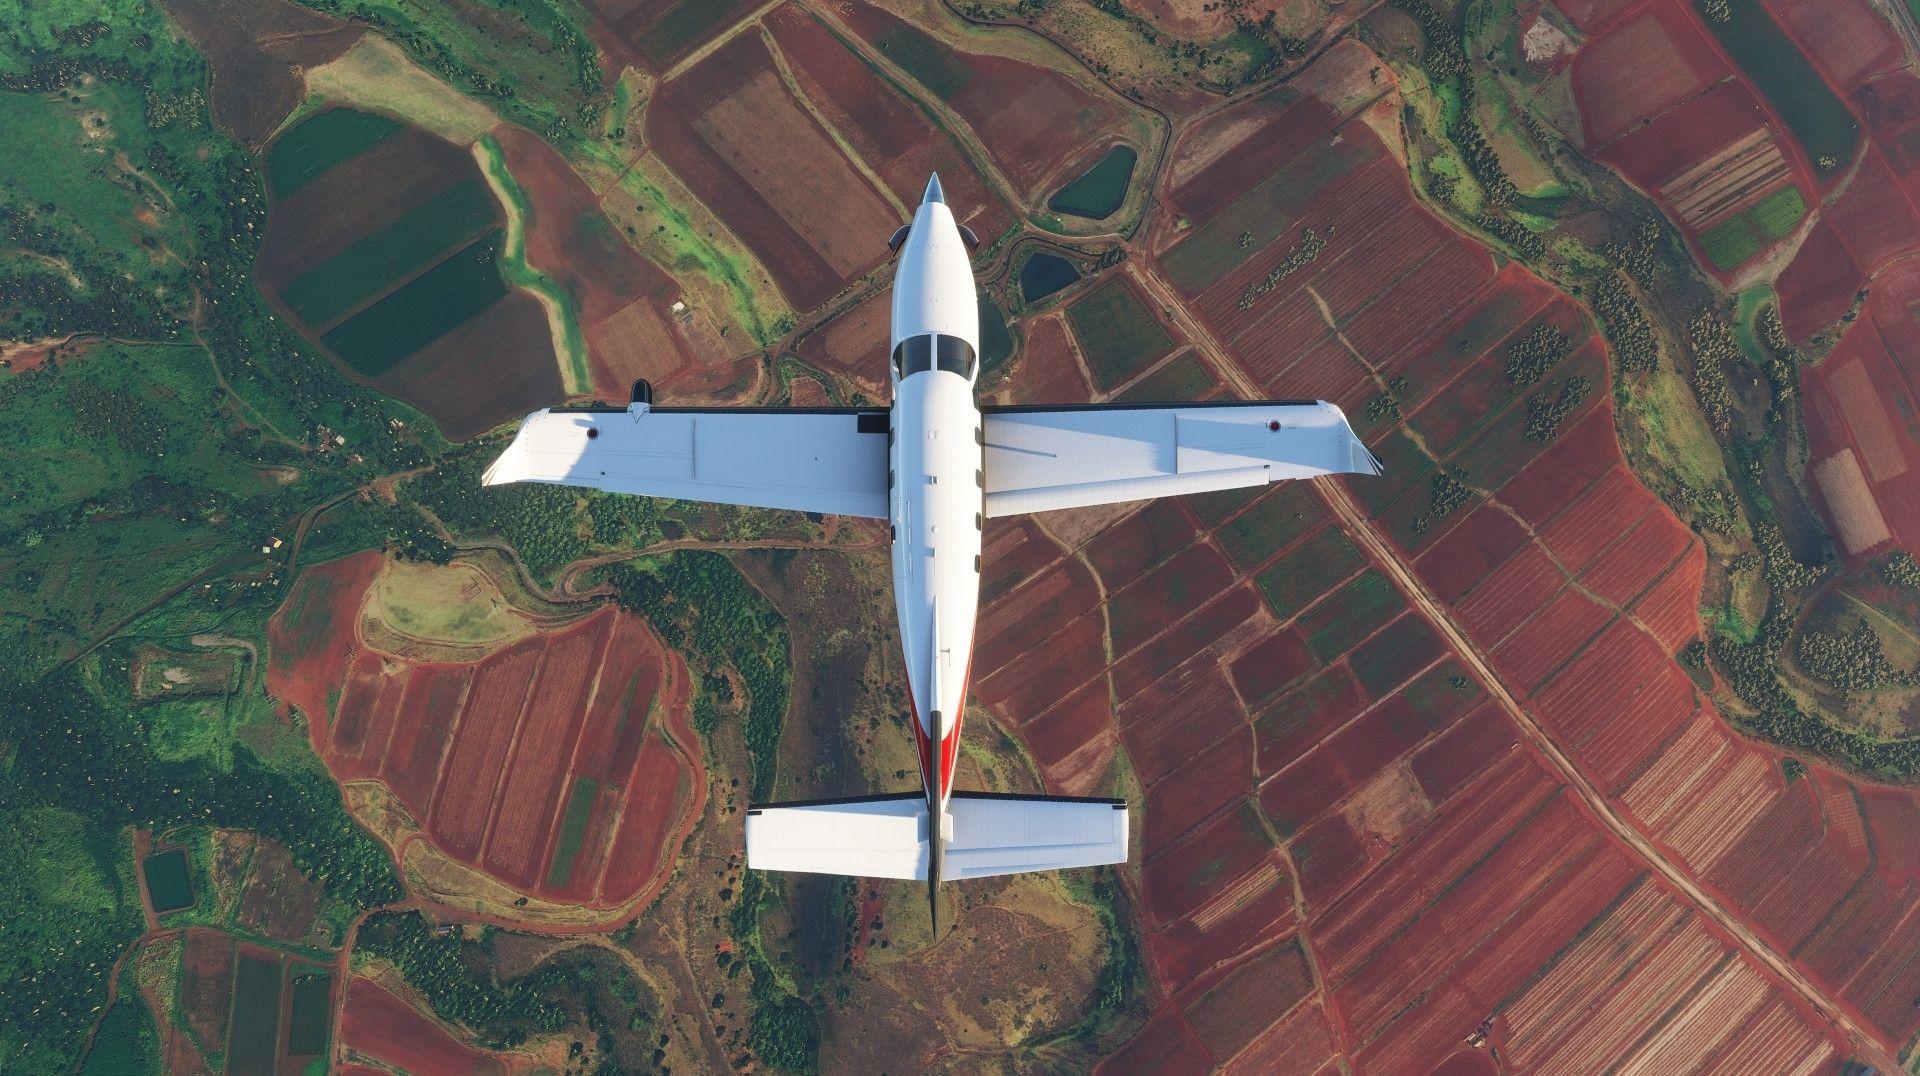 ข่าวใหญ่สายการบิน Microsoft Flight Simulator เตรียมออกแพทช์ใหม่แล้ว3